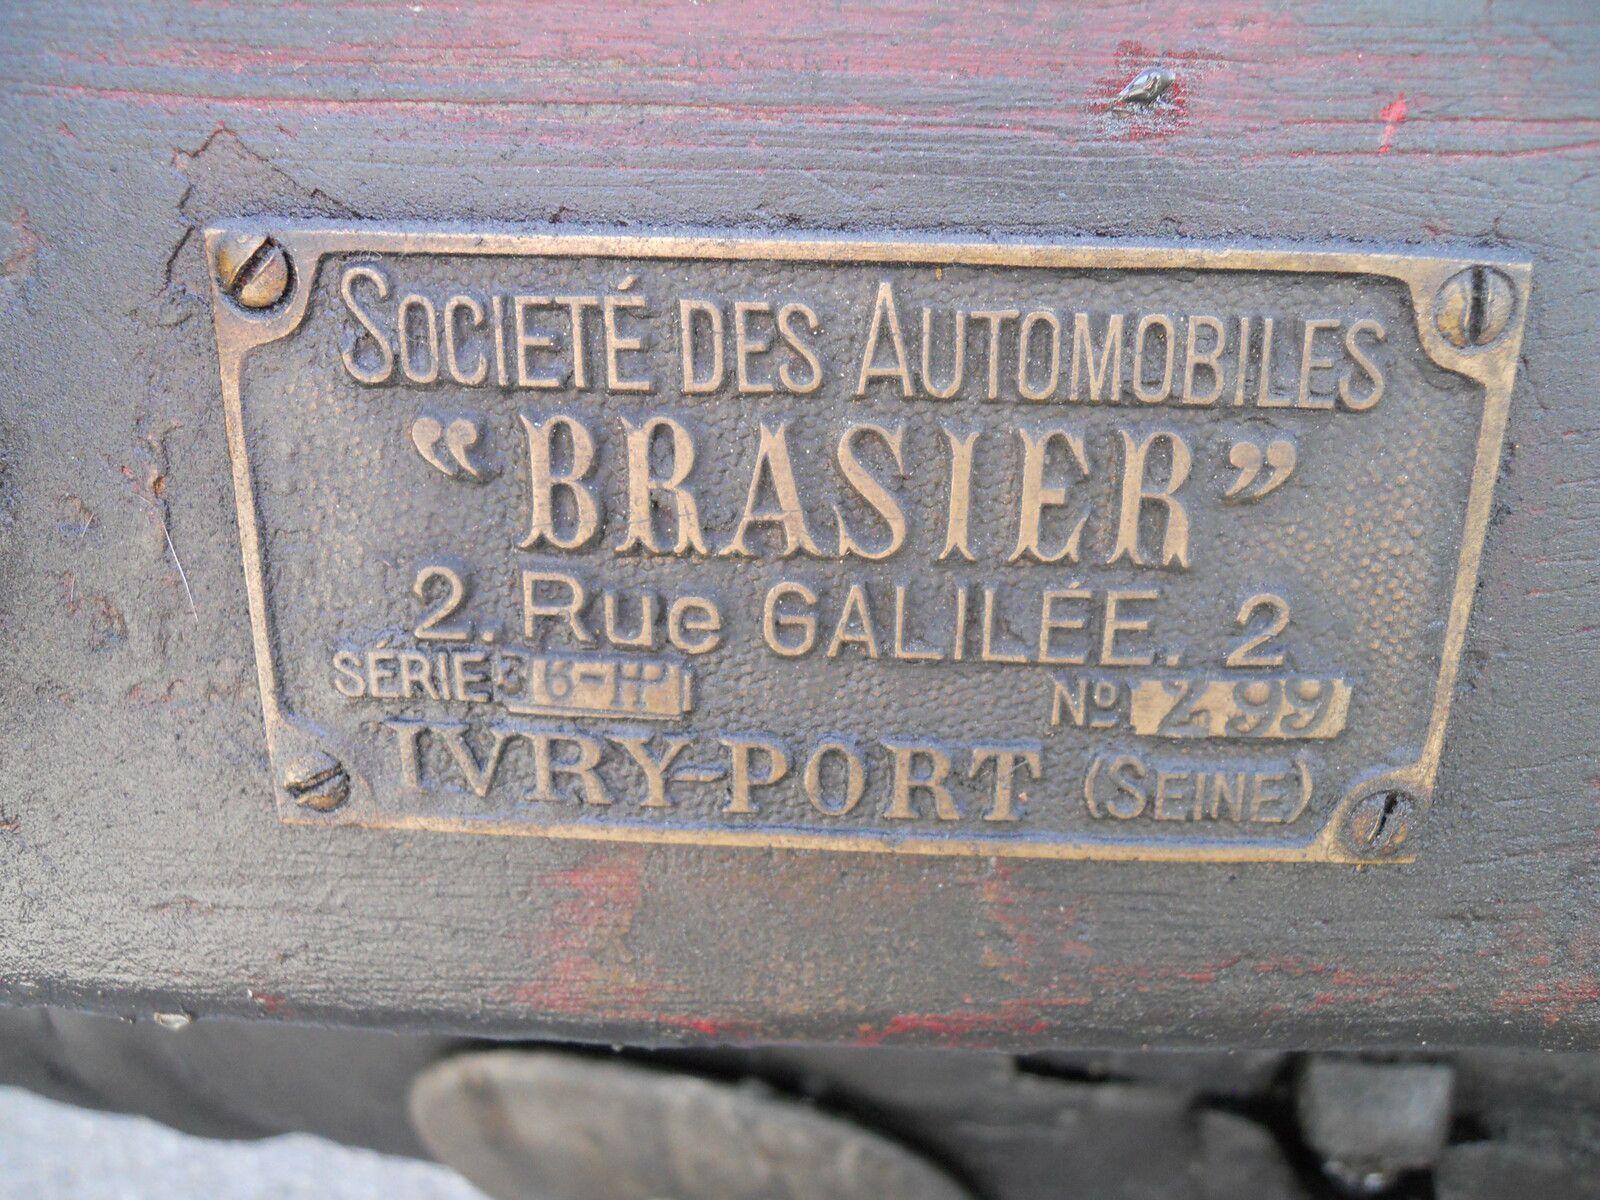 AUTOMOBILE FRASIER - Jean-Pierre adresse une petite question aux SOUPAPES AVIGNONNAISES